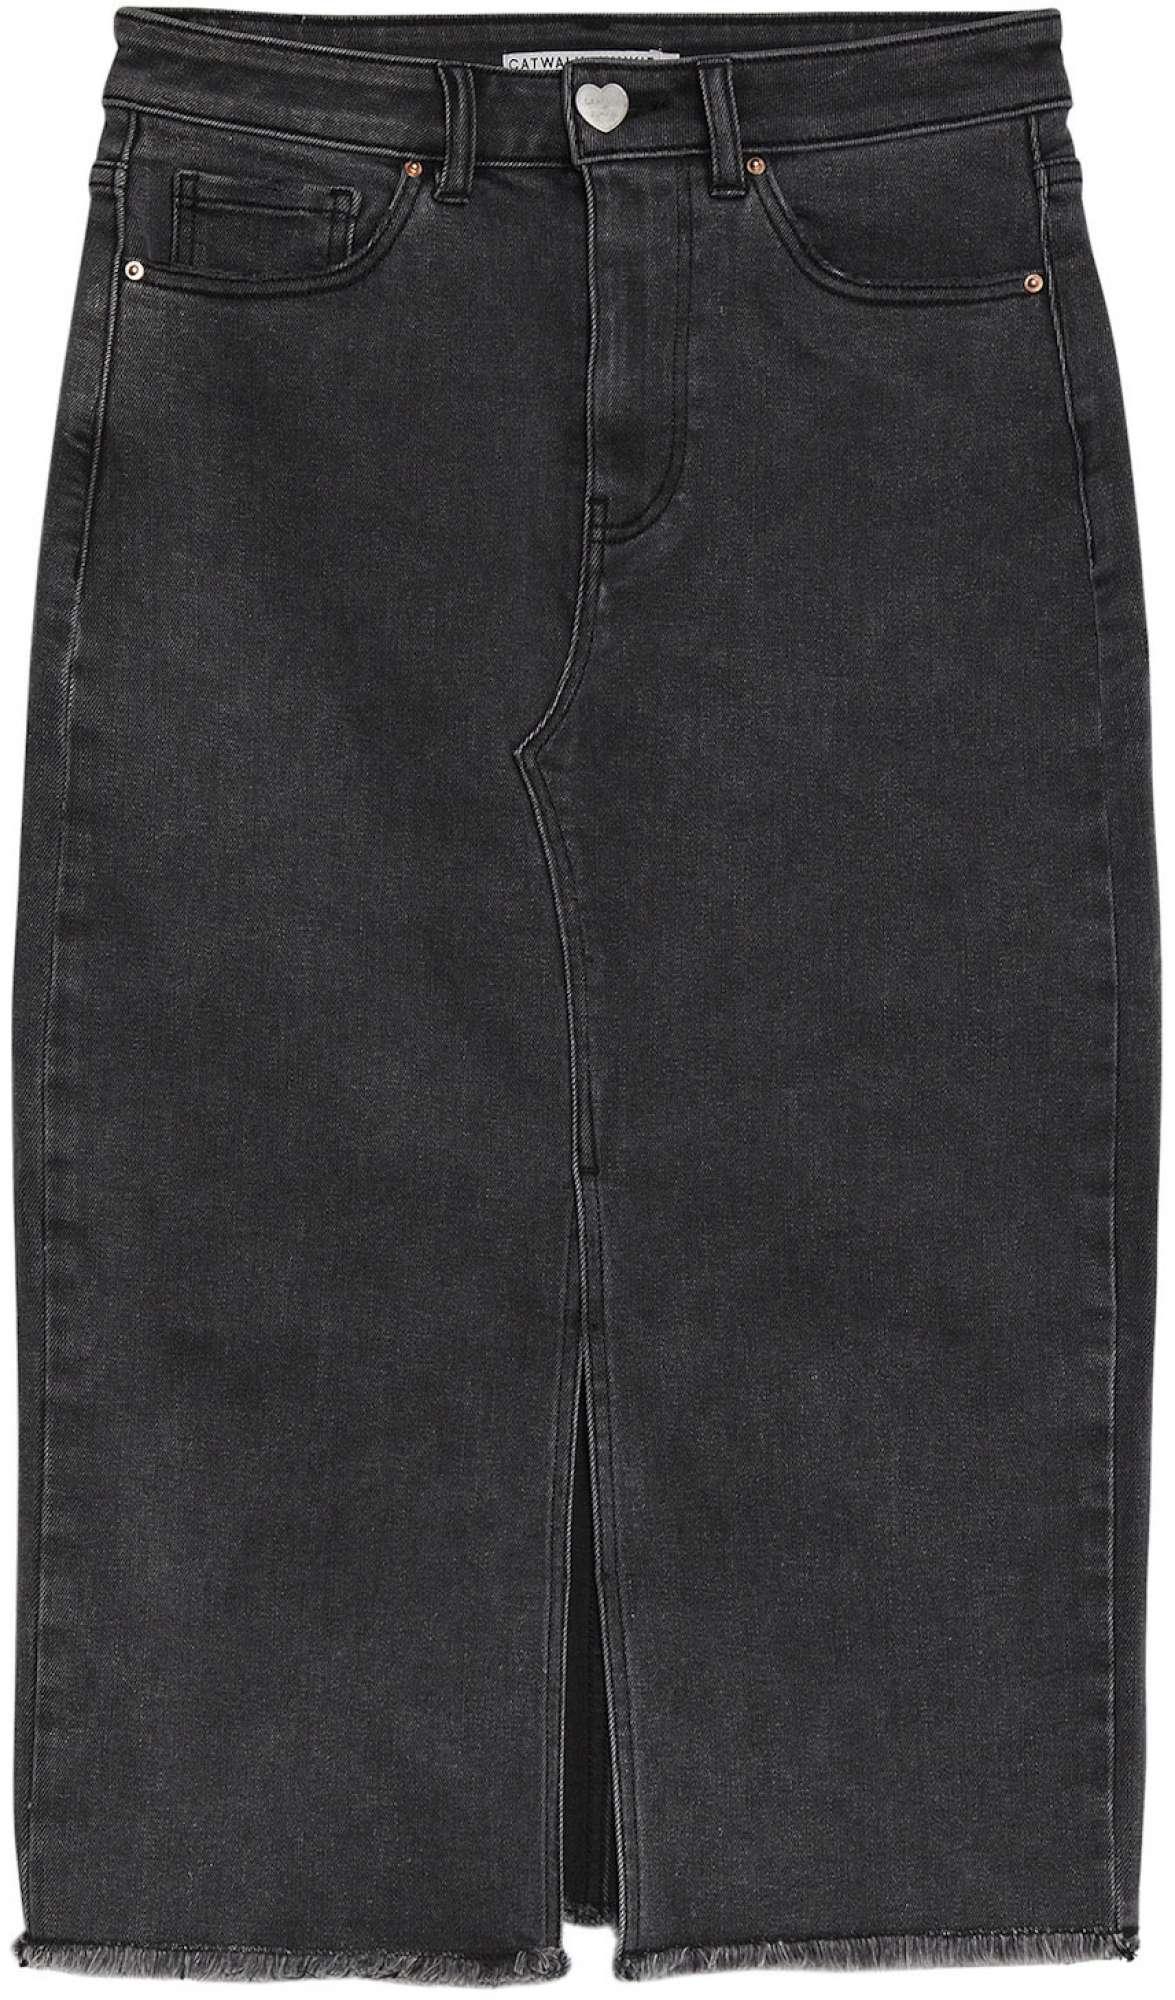 Skirt jean black